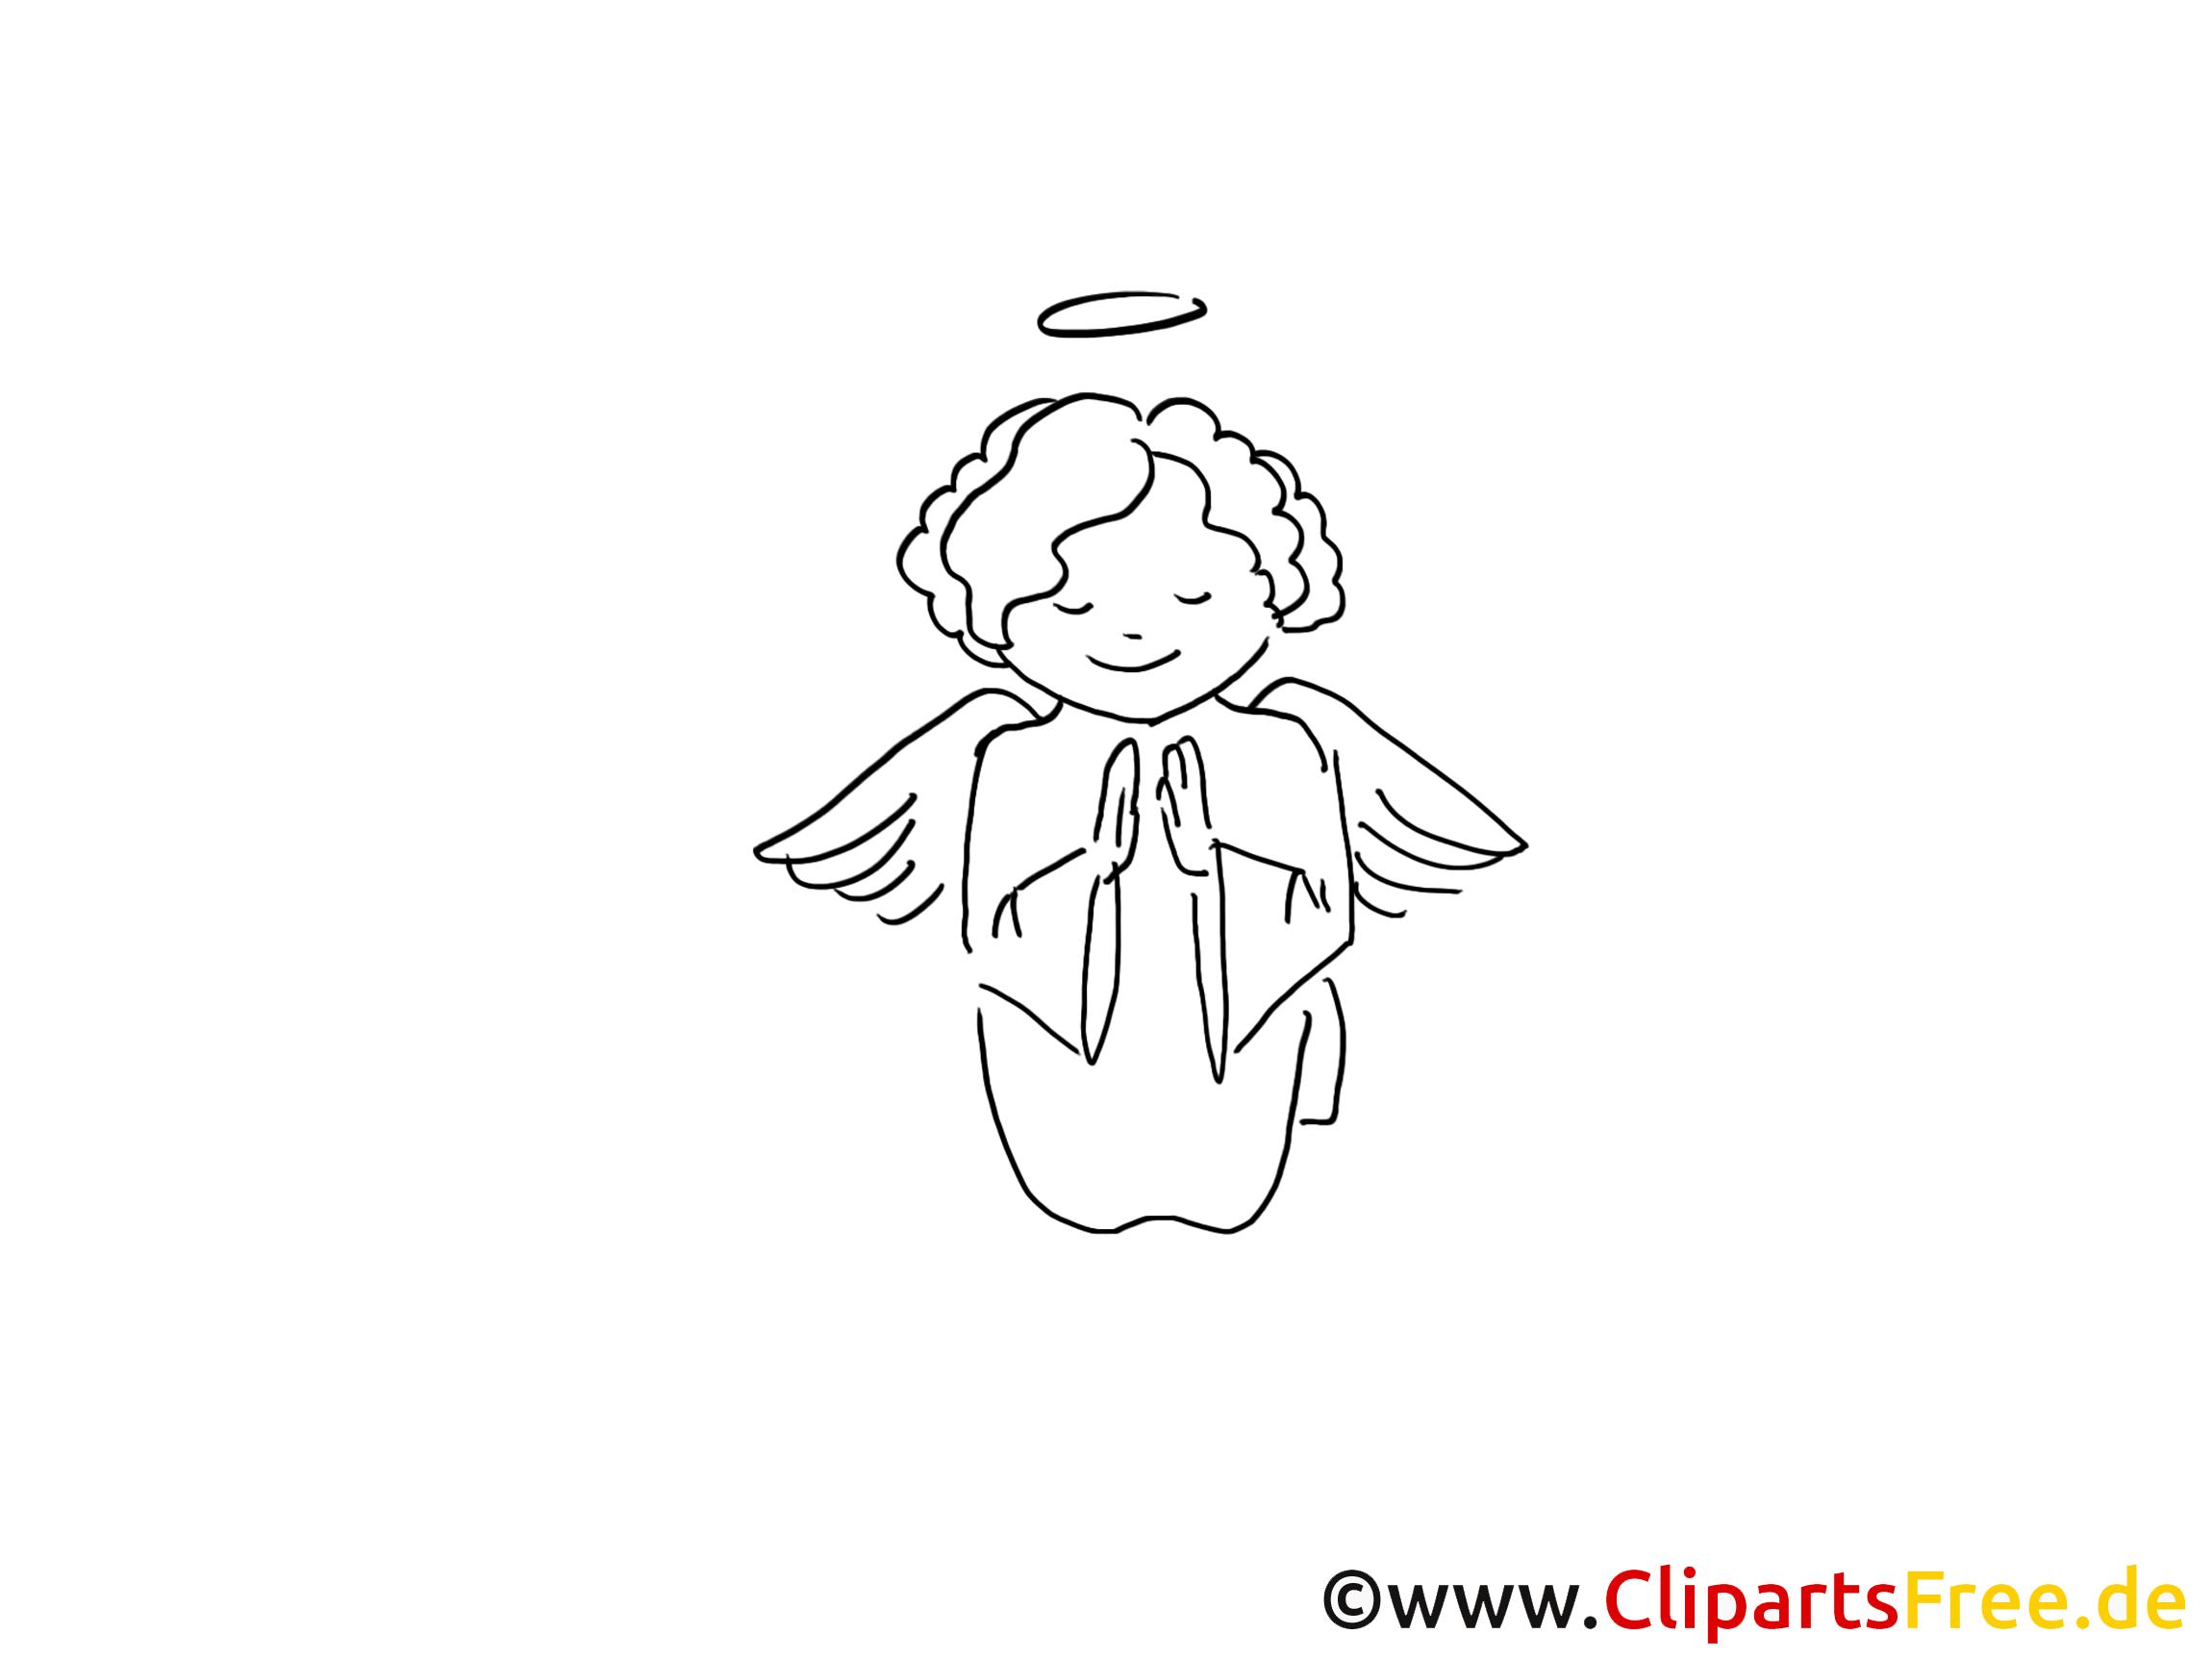 Bien connu Clipart ange – Baptême dessins à colorier - Baptême coloriages  XD74